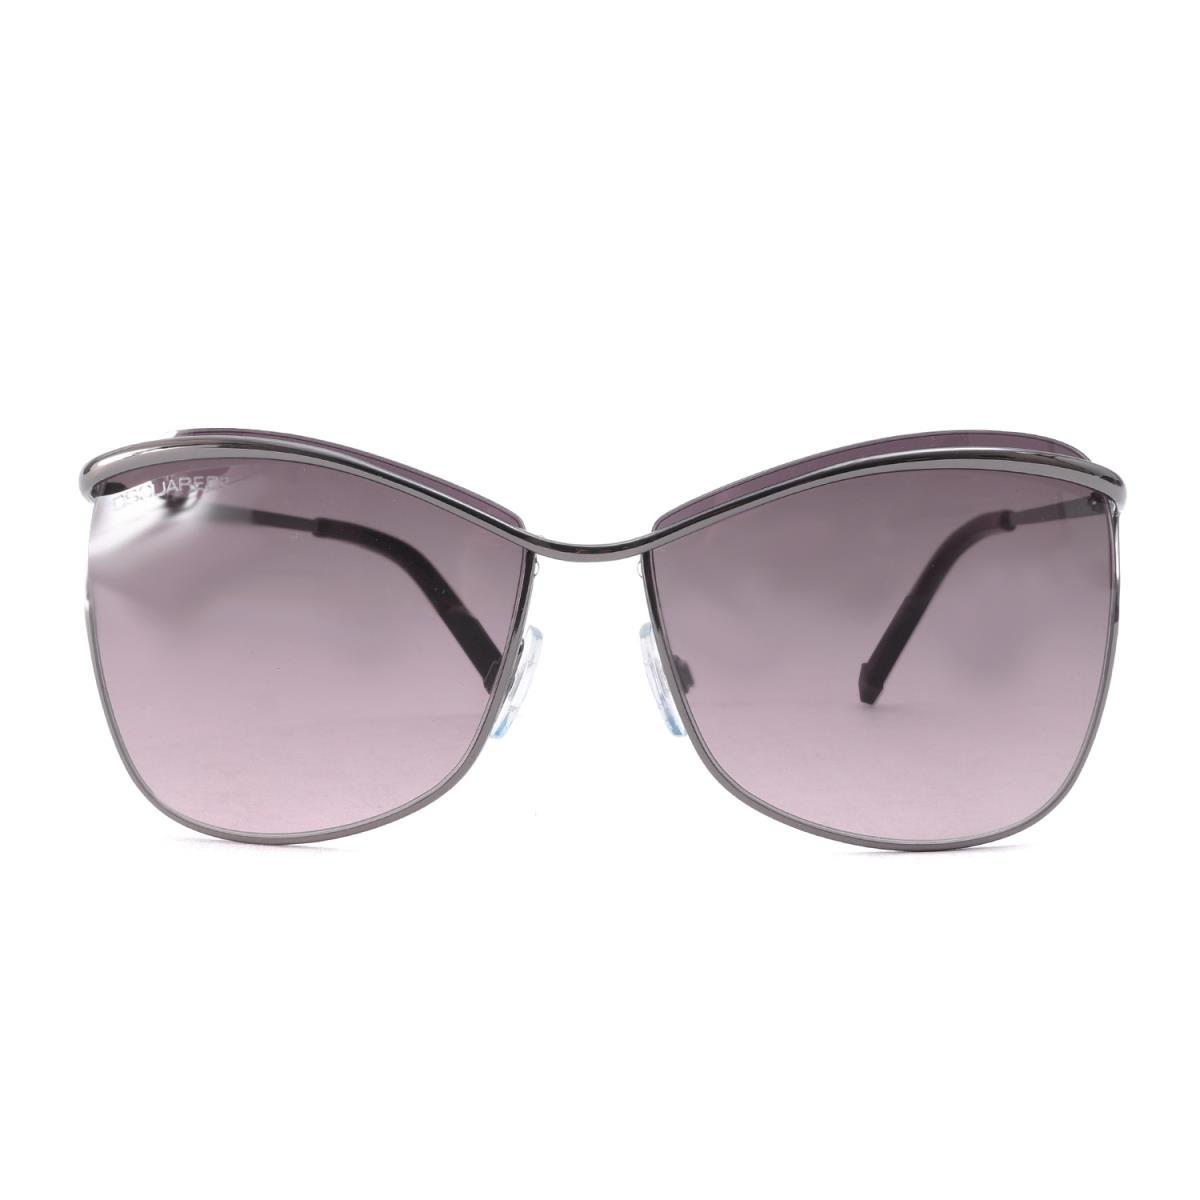 DSQUARED2 (ディースクエアード) グラデーションレンズサングラス(Gunmetal Square Full Rim Sunglasses) ガンメタルフレーム×パープルグラデーションレンズ 60□15 【メンズ】【美品】【K2206】【中古】【あす楽☆対応可】